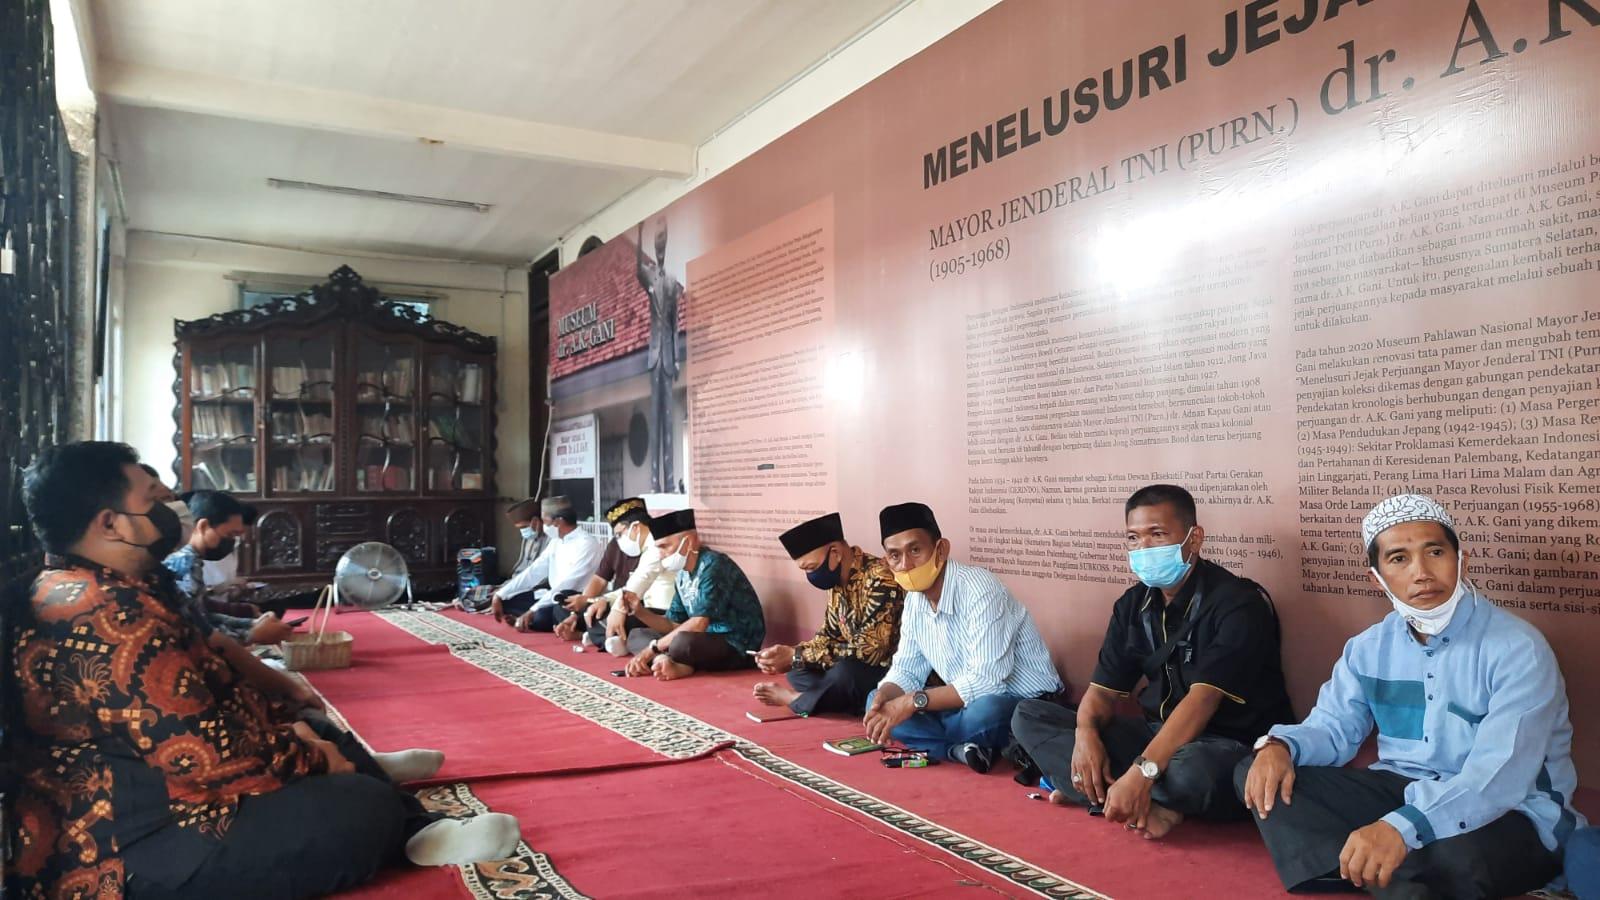 SMB IV Nilai Dr Ak Gani Sosok Berjasa, Harus Jadi Teladan Bagi Generasi Muda